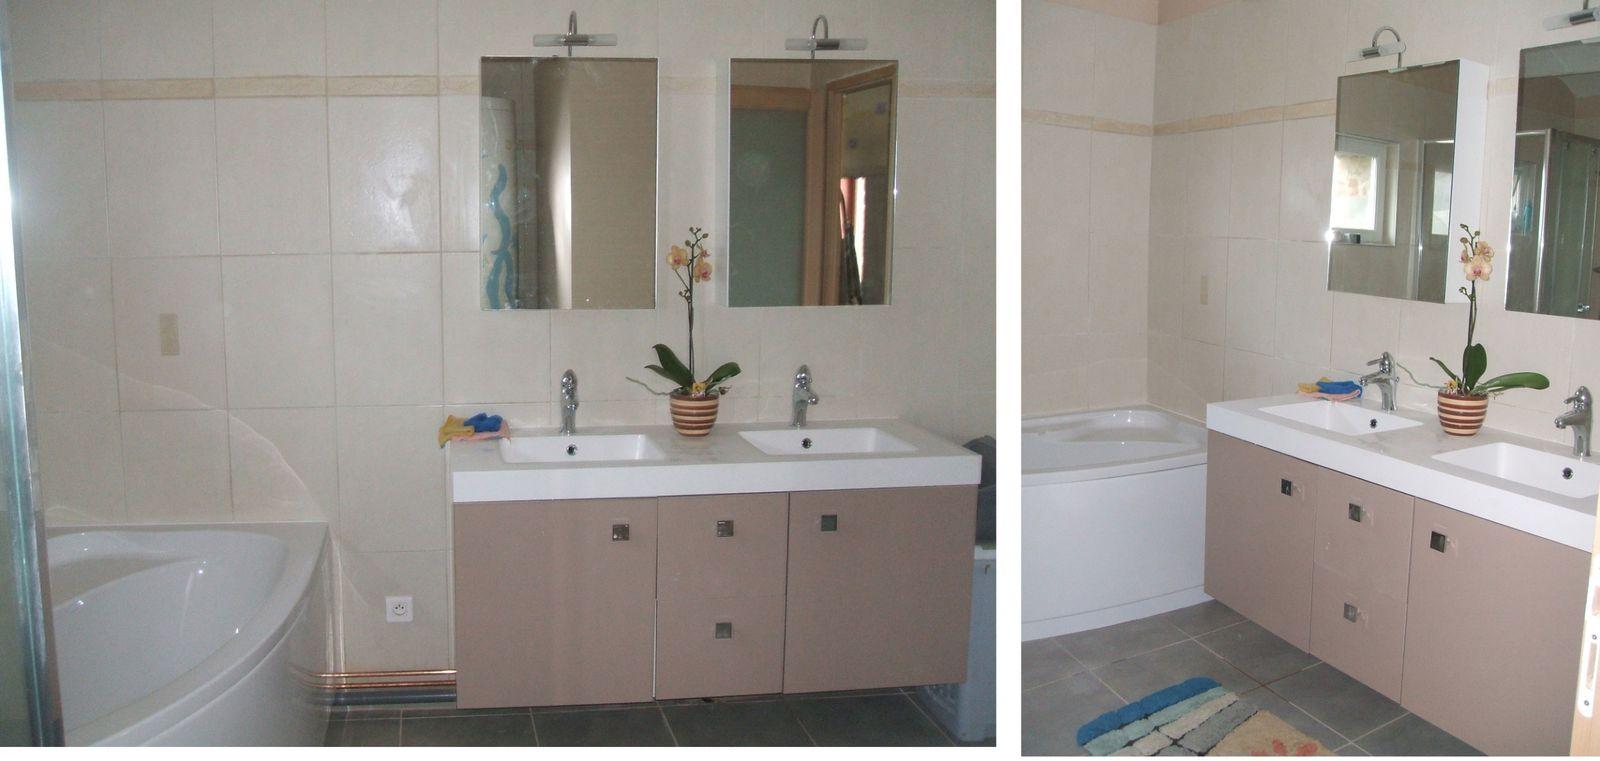 les travaux de la salle de bain plaisir. Black Bedroom Furniture Sets. Home Design Ideas